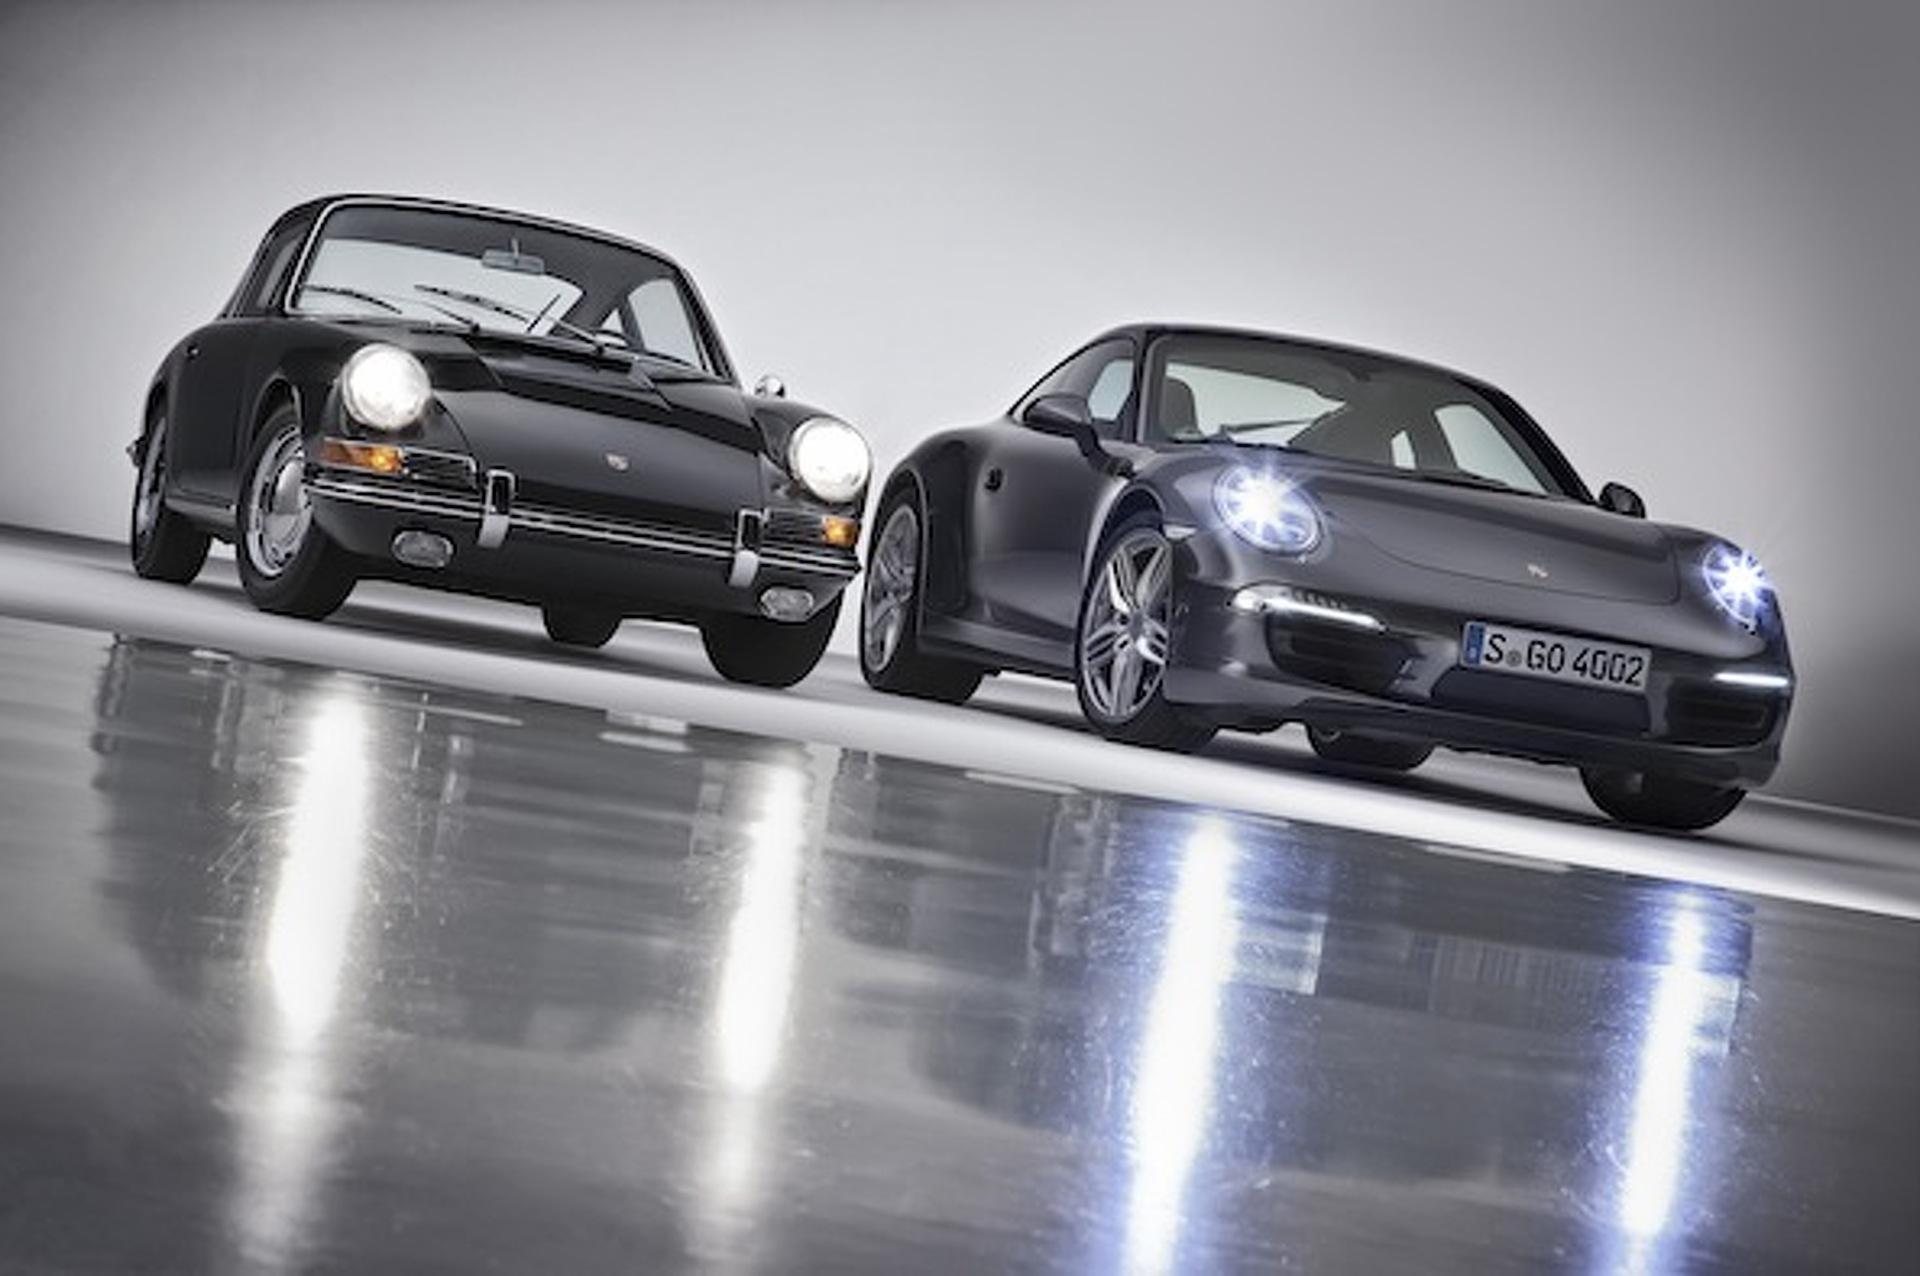 Wheels Wallpaper: 50 Years of Porsche 911